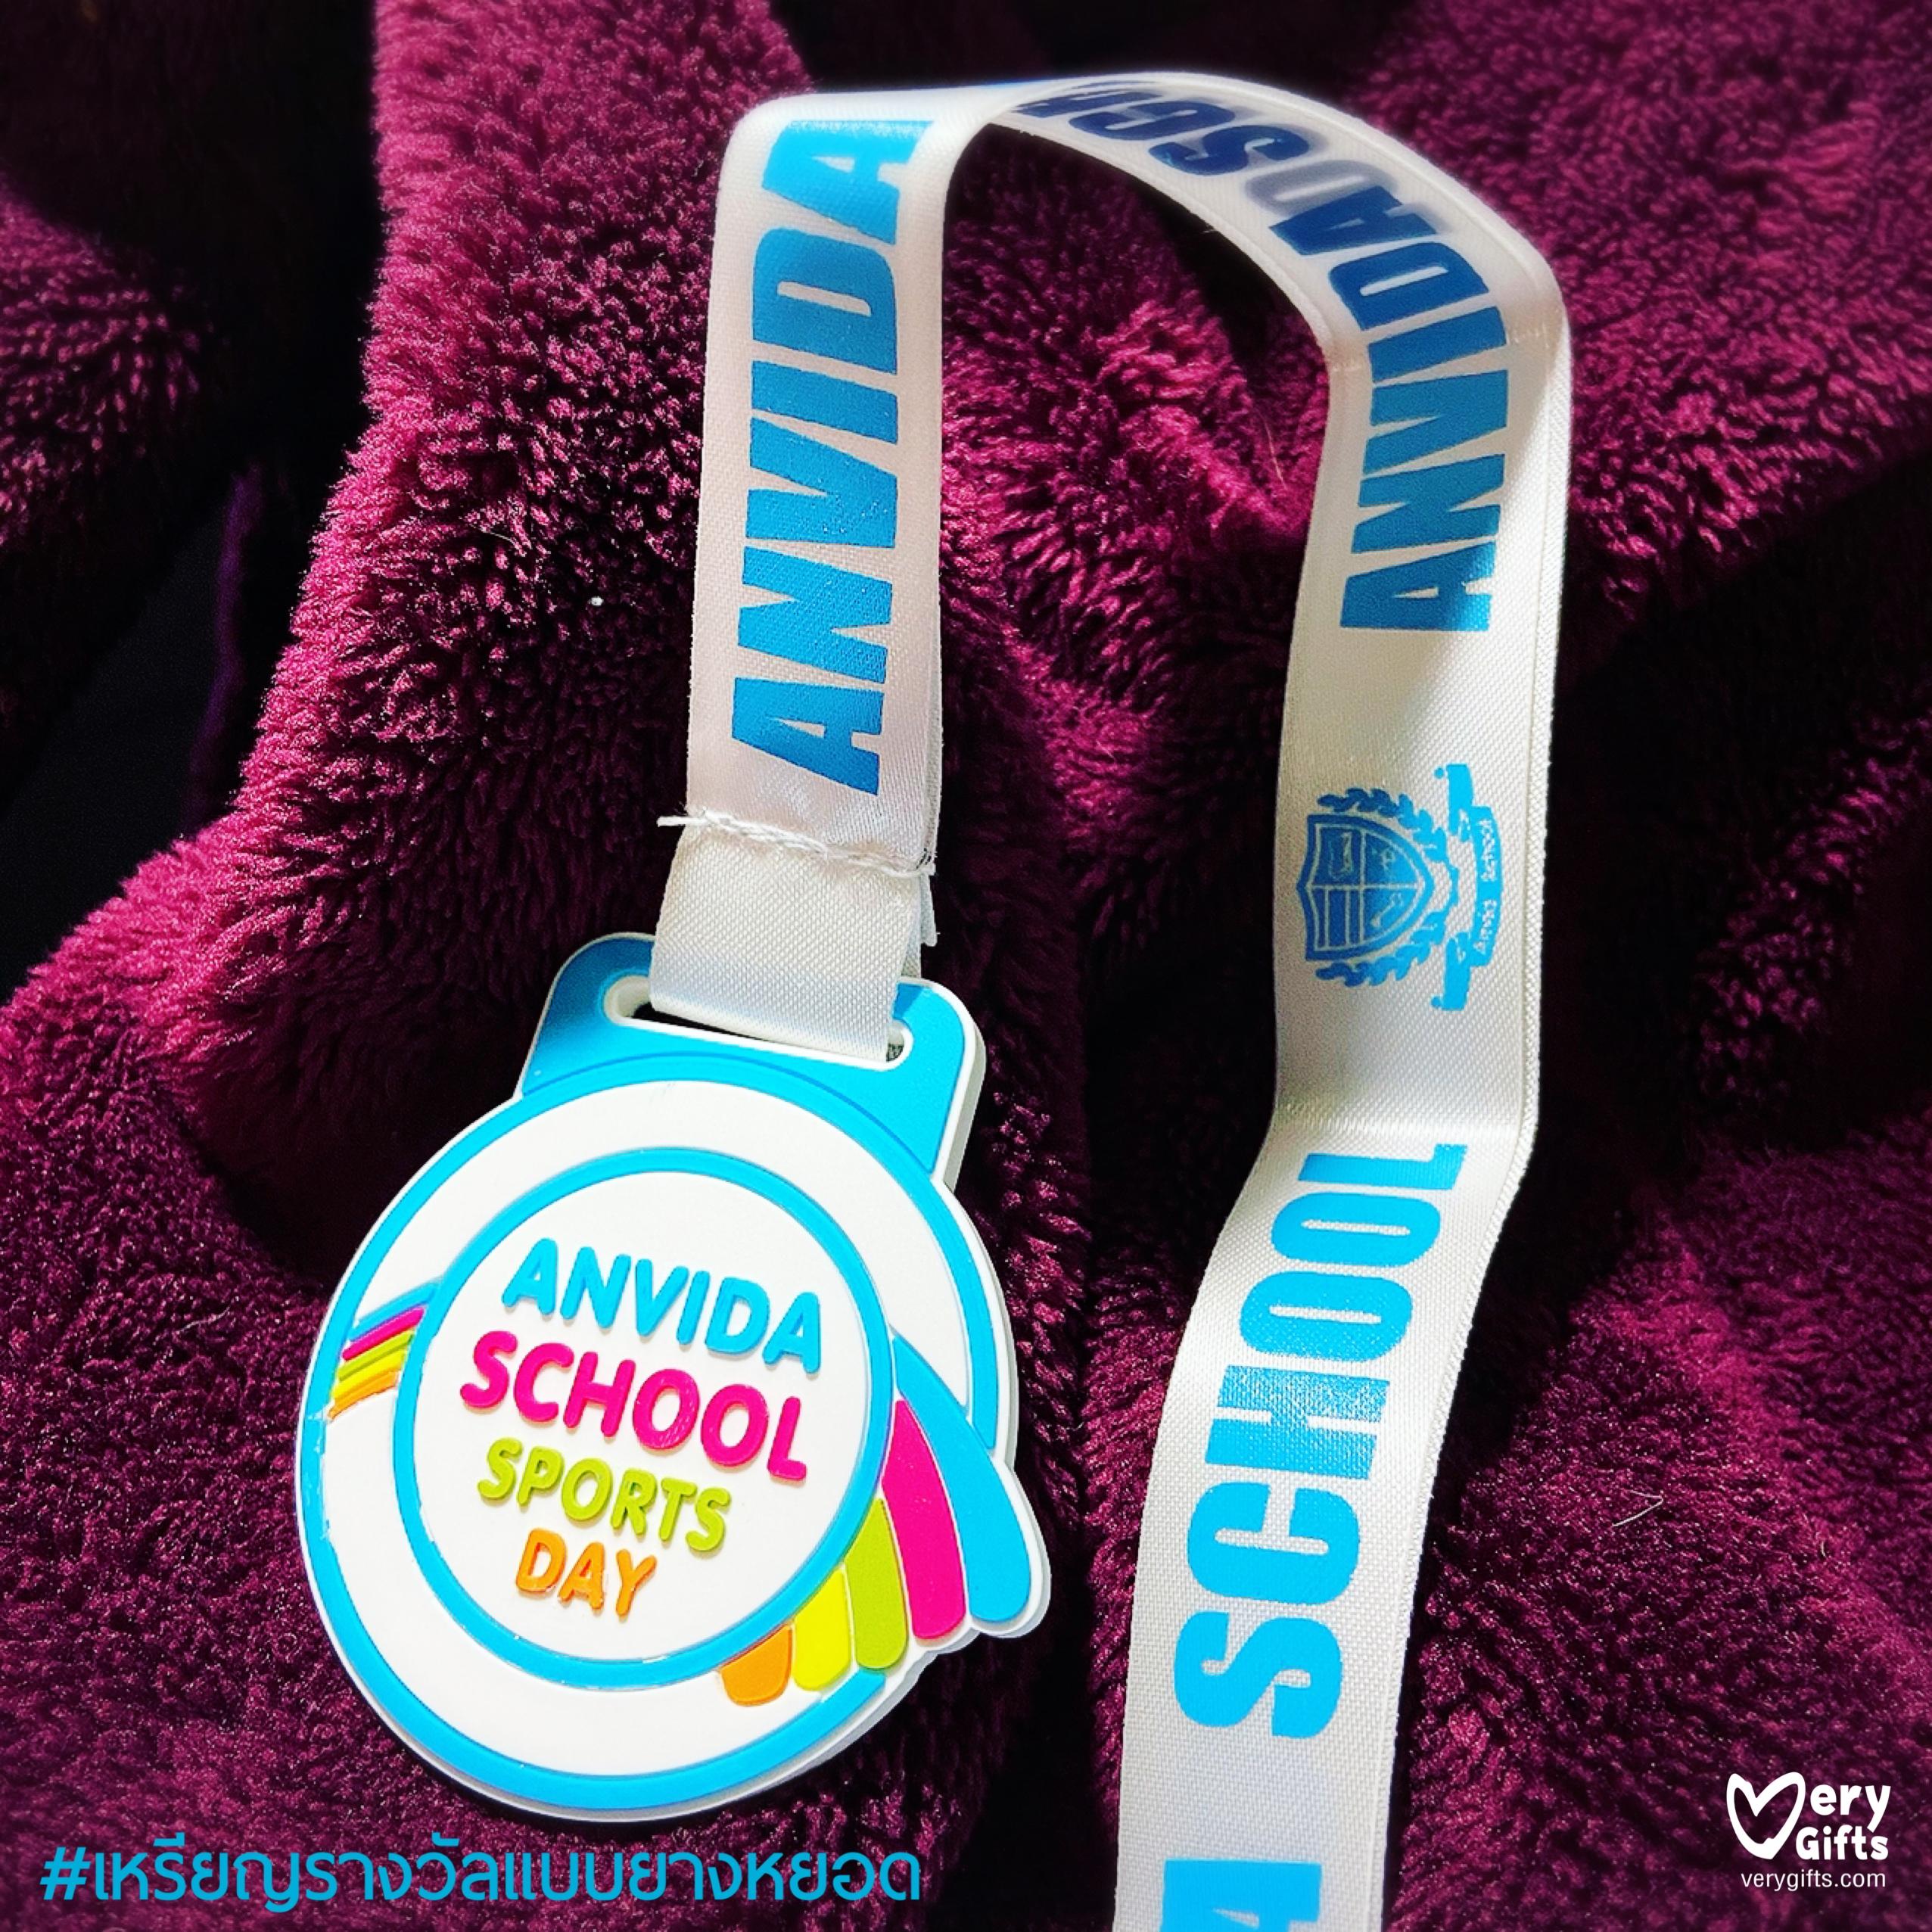 เหรียญรางวัลยางหยอด ANVIDA SCHOOL